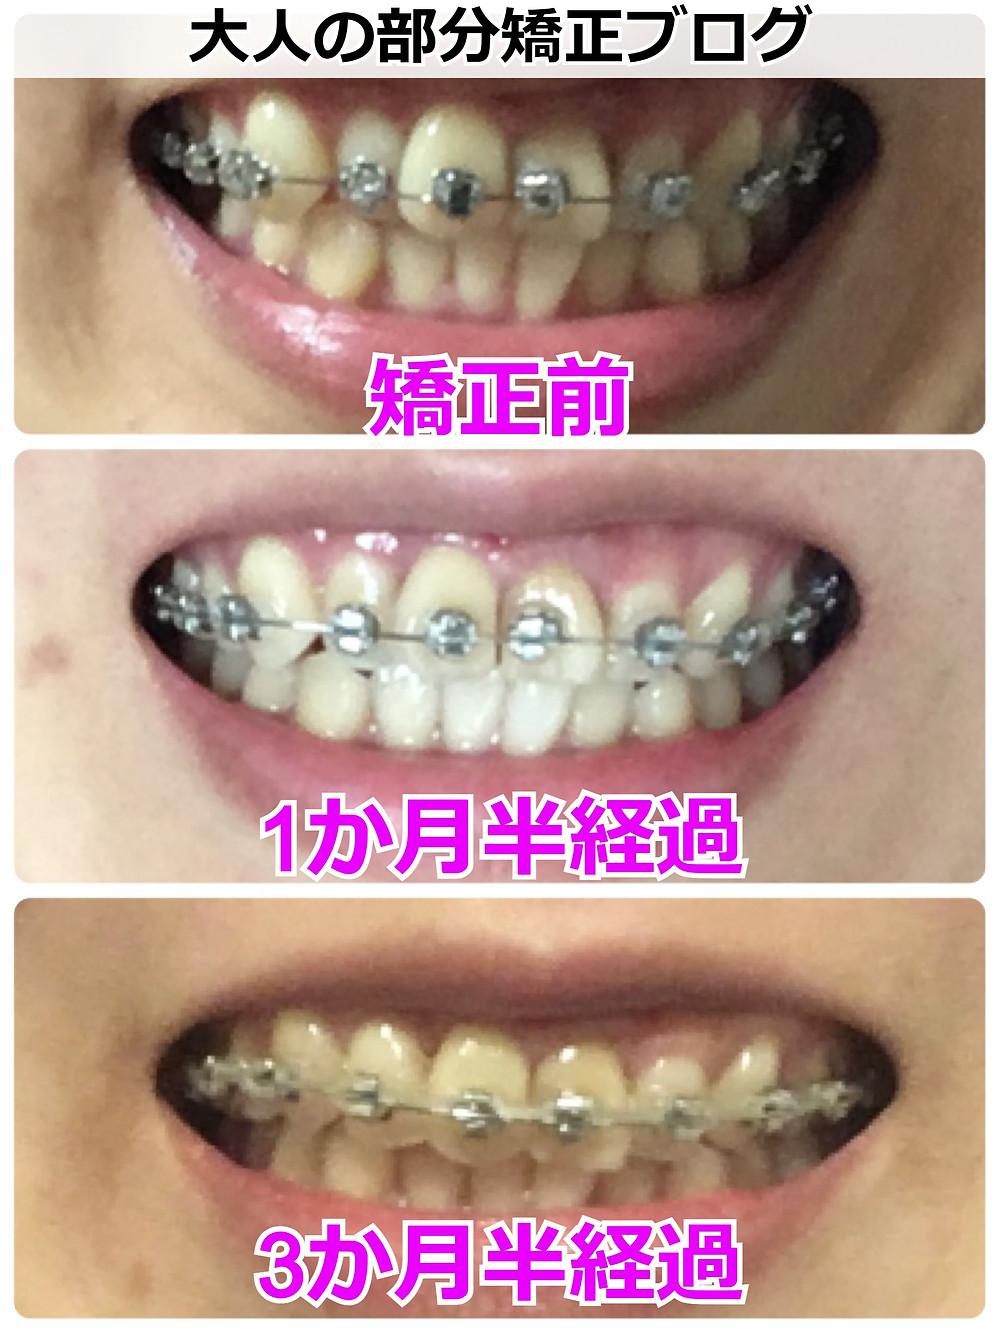 歯を抜かない矯正の経過【正面】